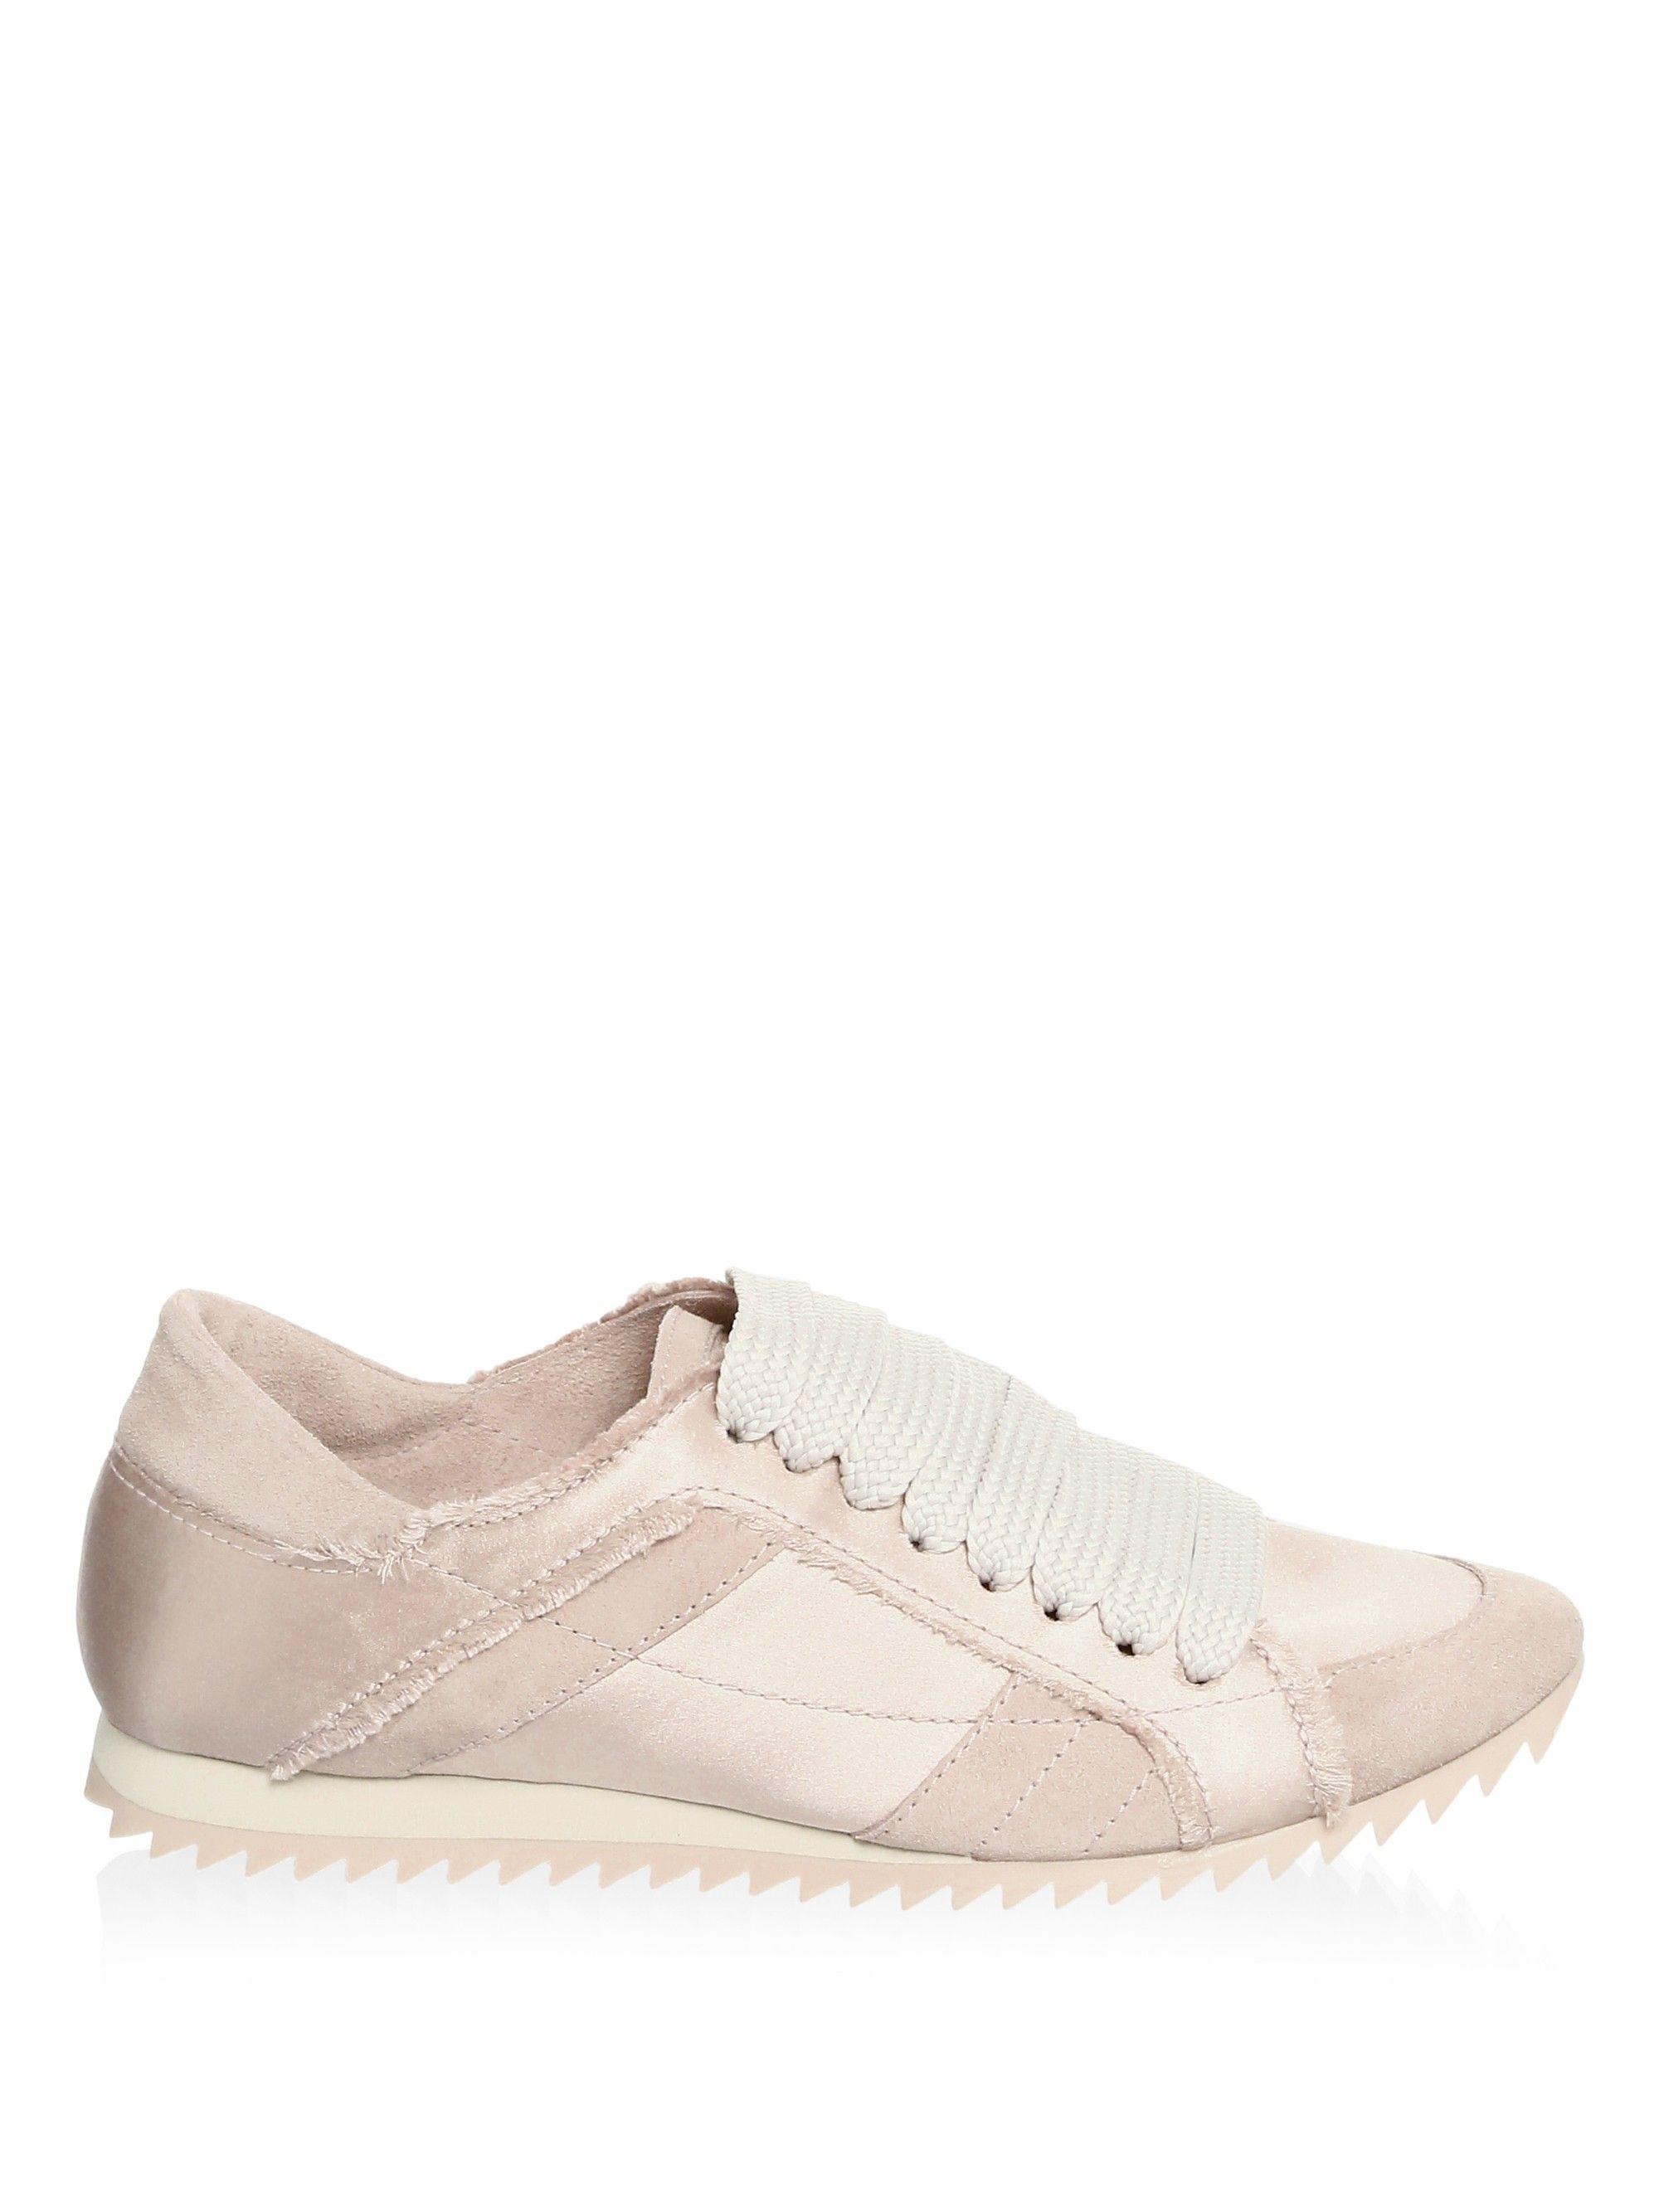 0b549d0691d9 Pedro García Cristina Satin Trainer Sneakers - Chiffon 37.5 (7.5)